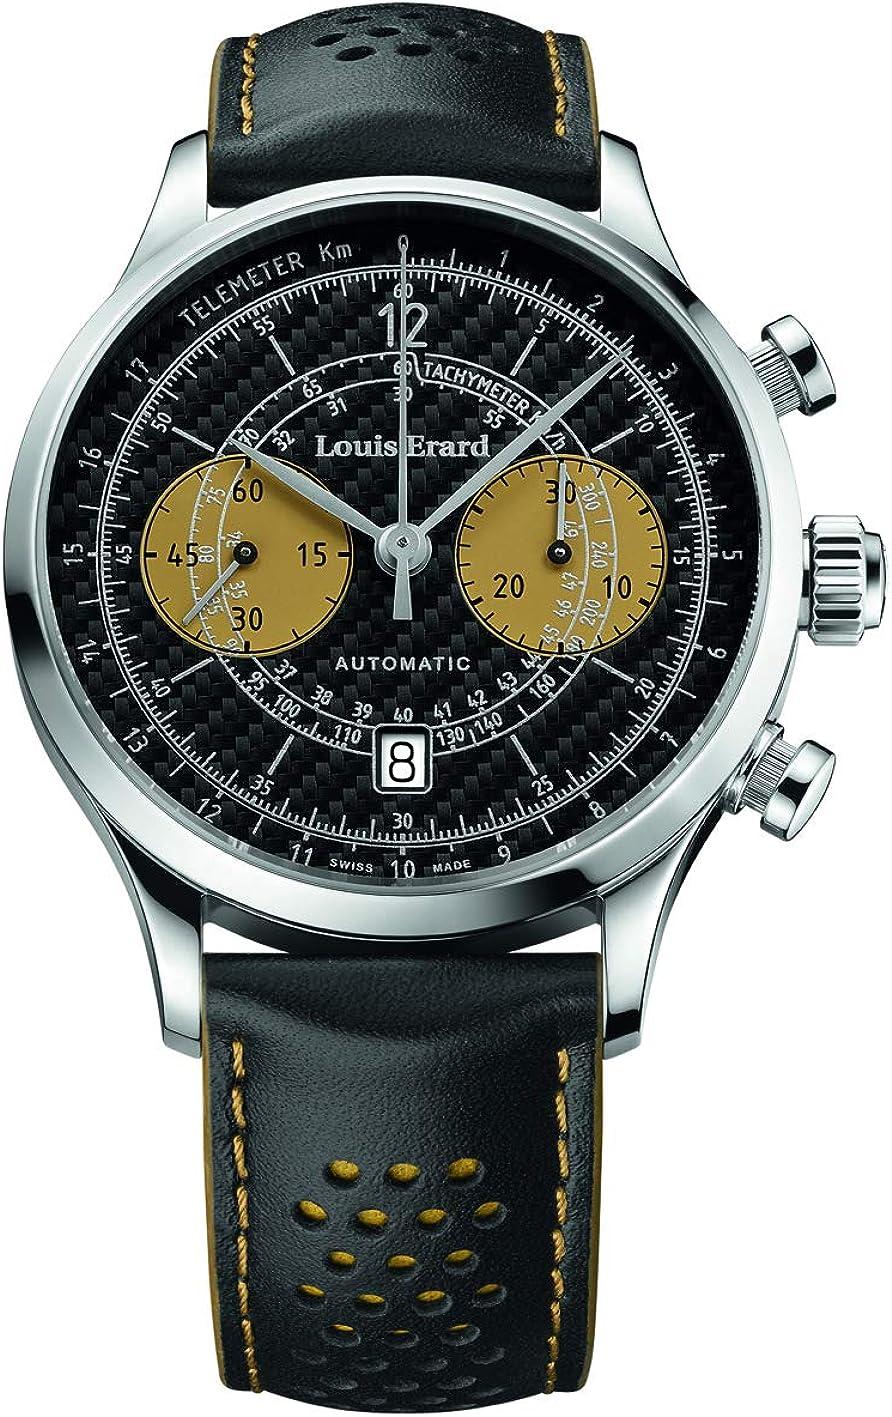 Louis Erard 1931 71 245 AA22 Ltd